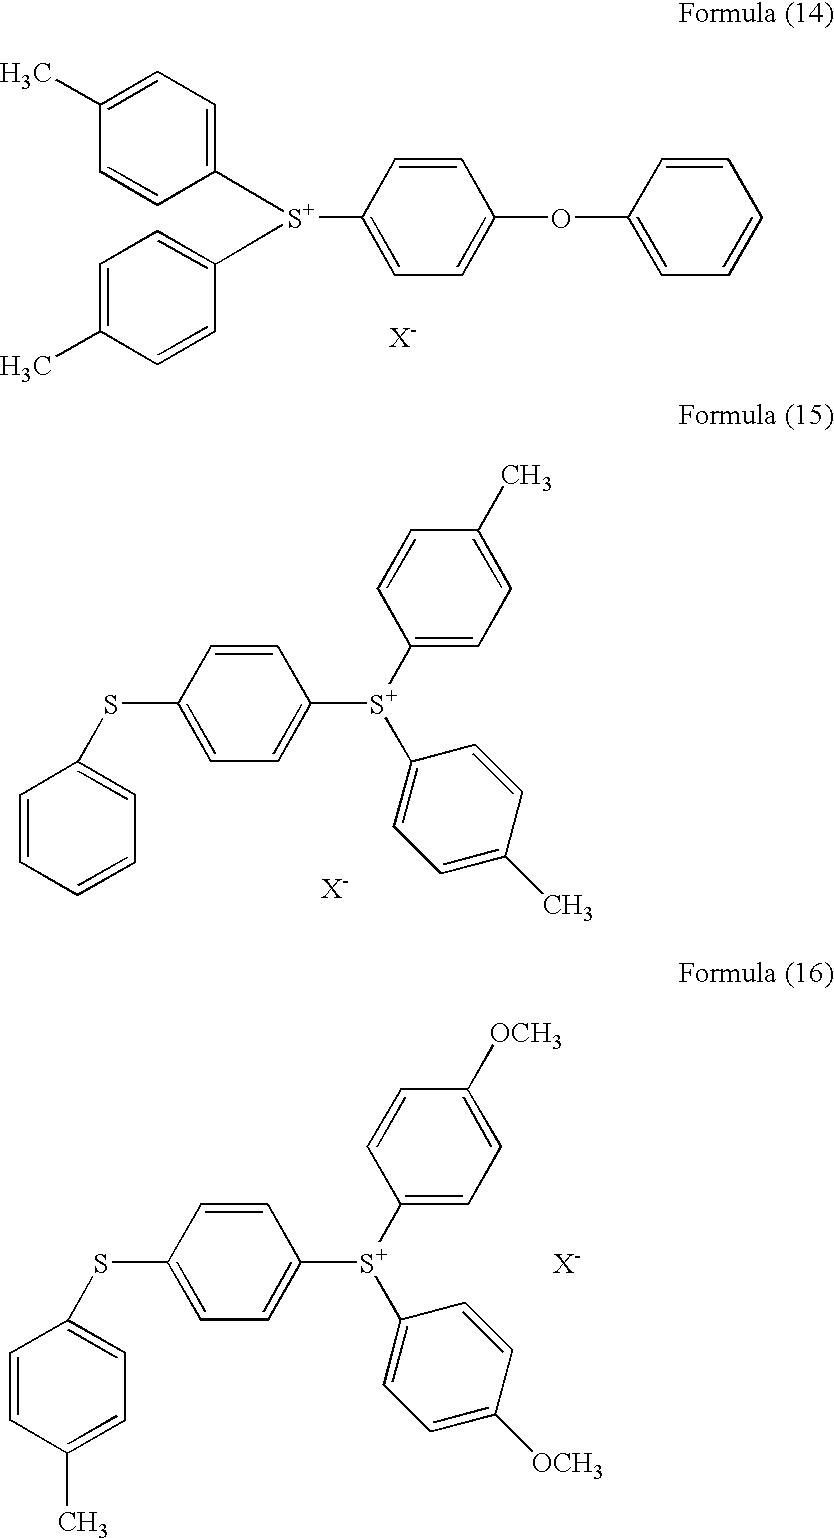 Figure US20040167315A1-20040826-C00006